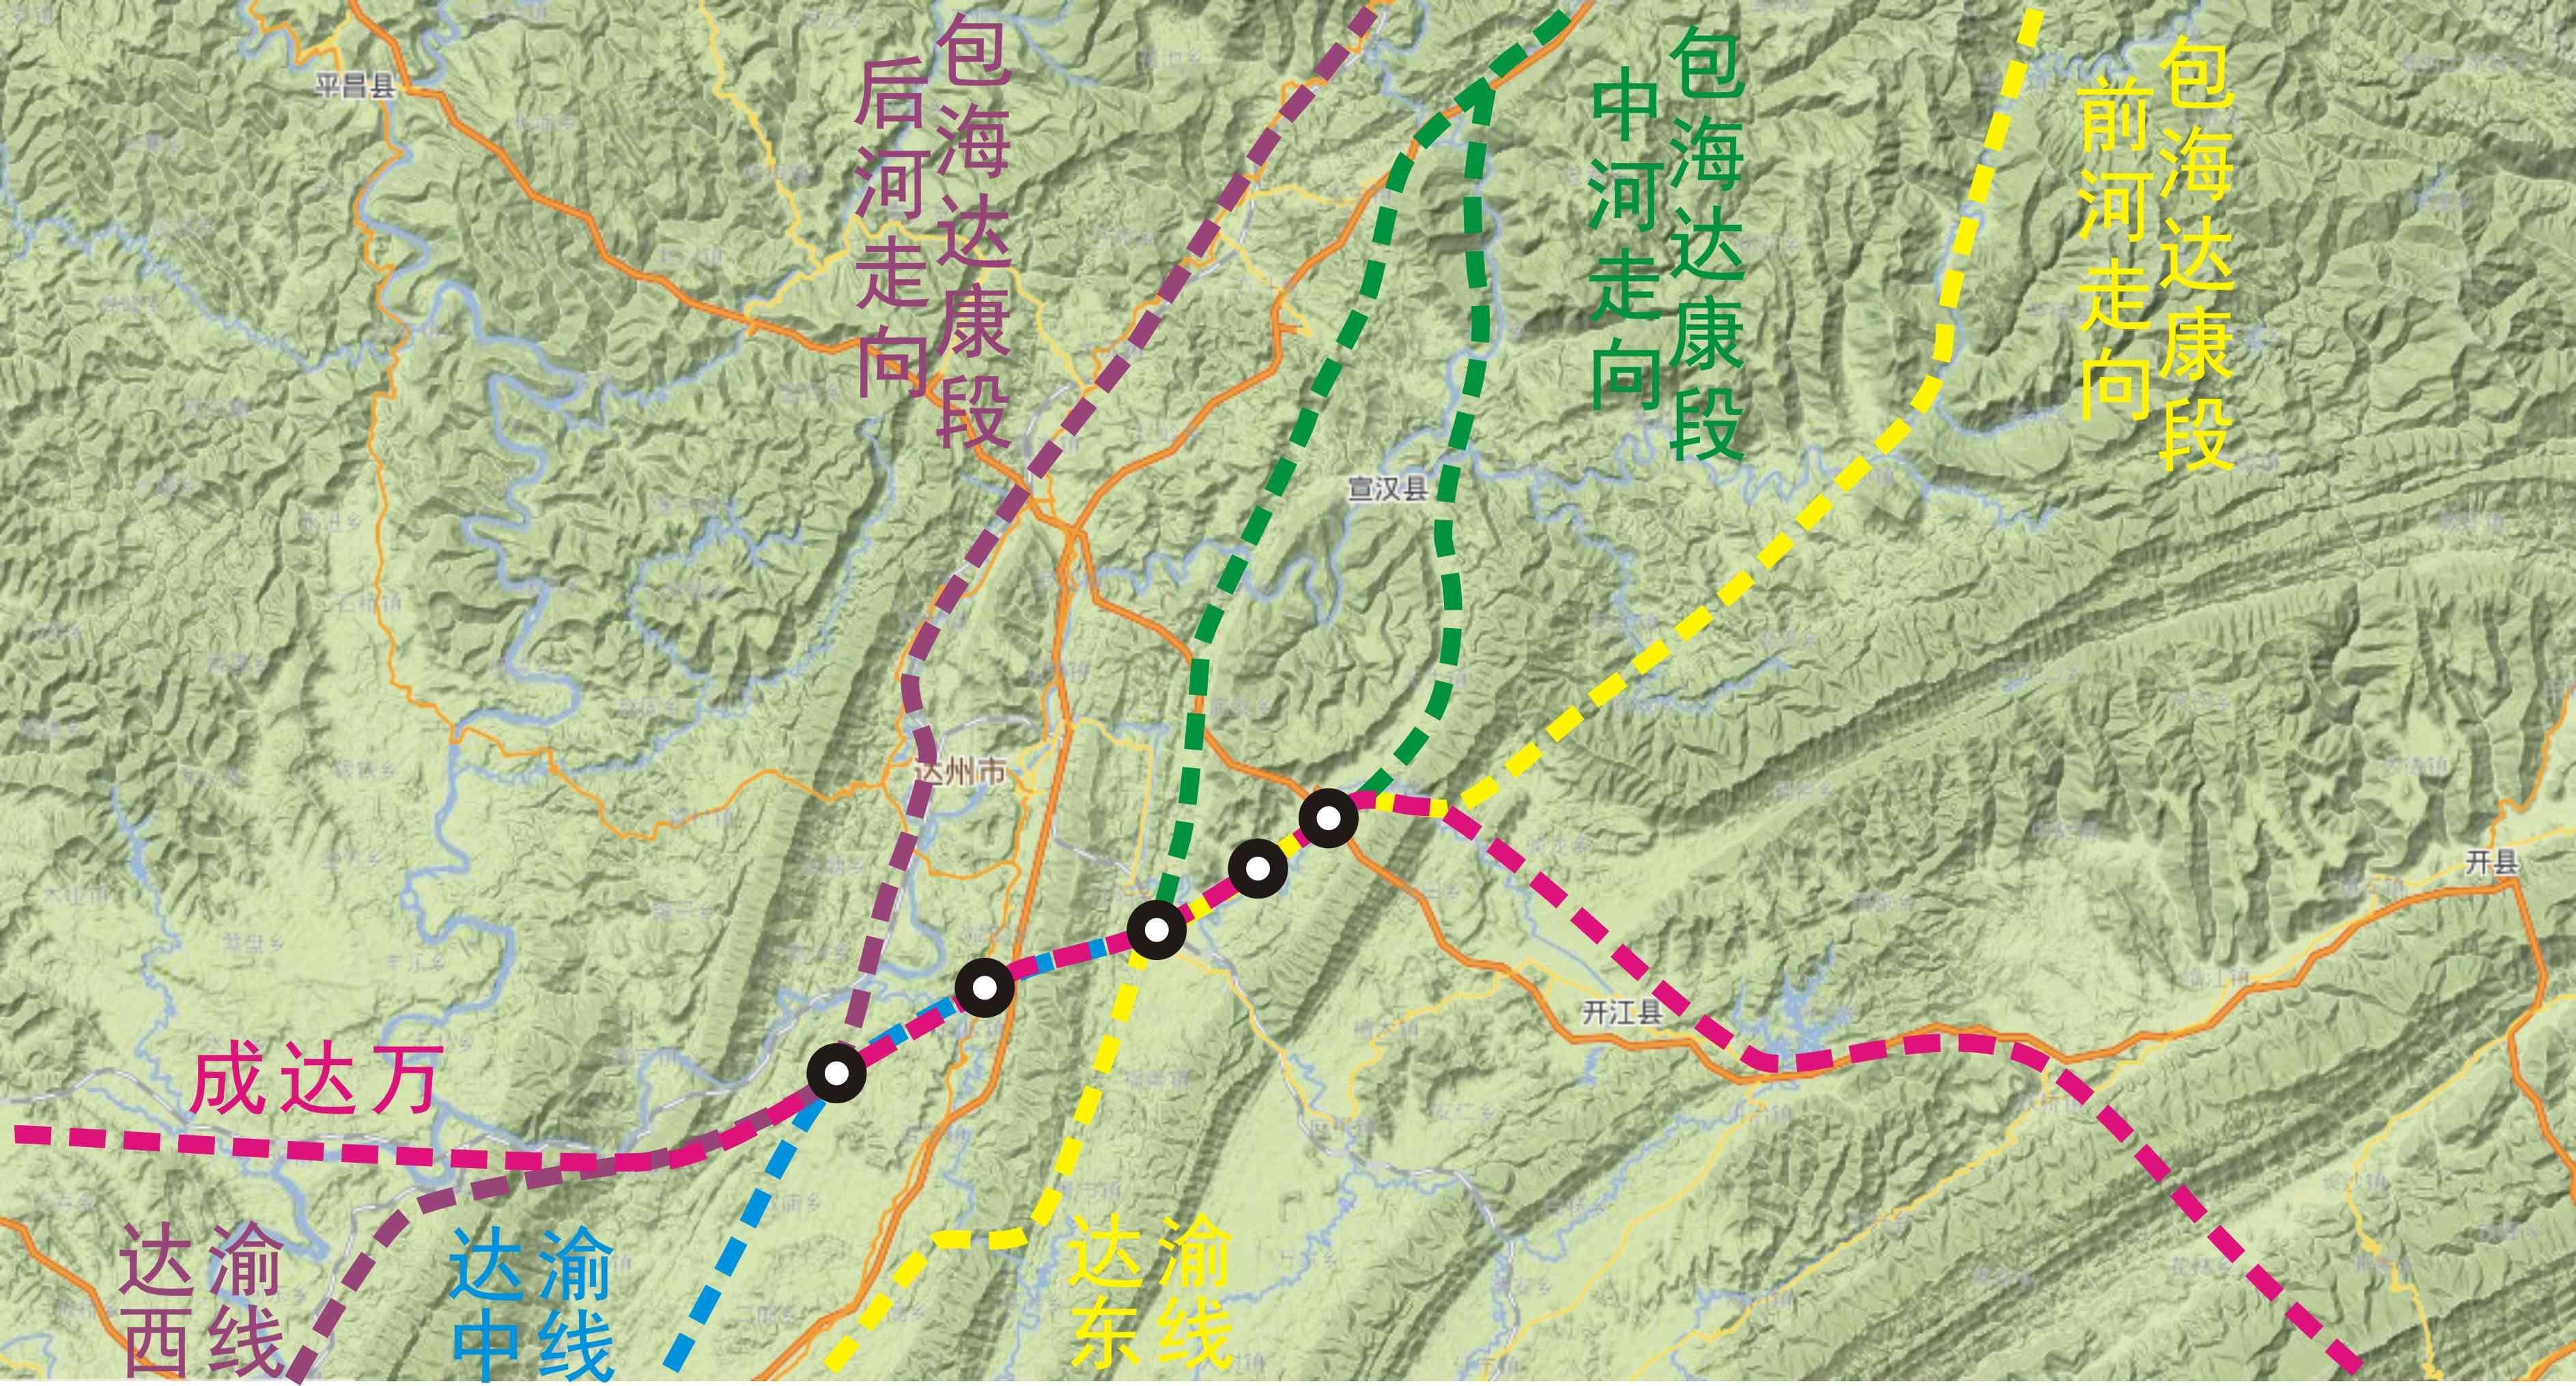 包海高铁缐路规划